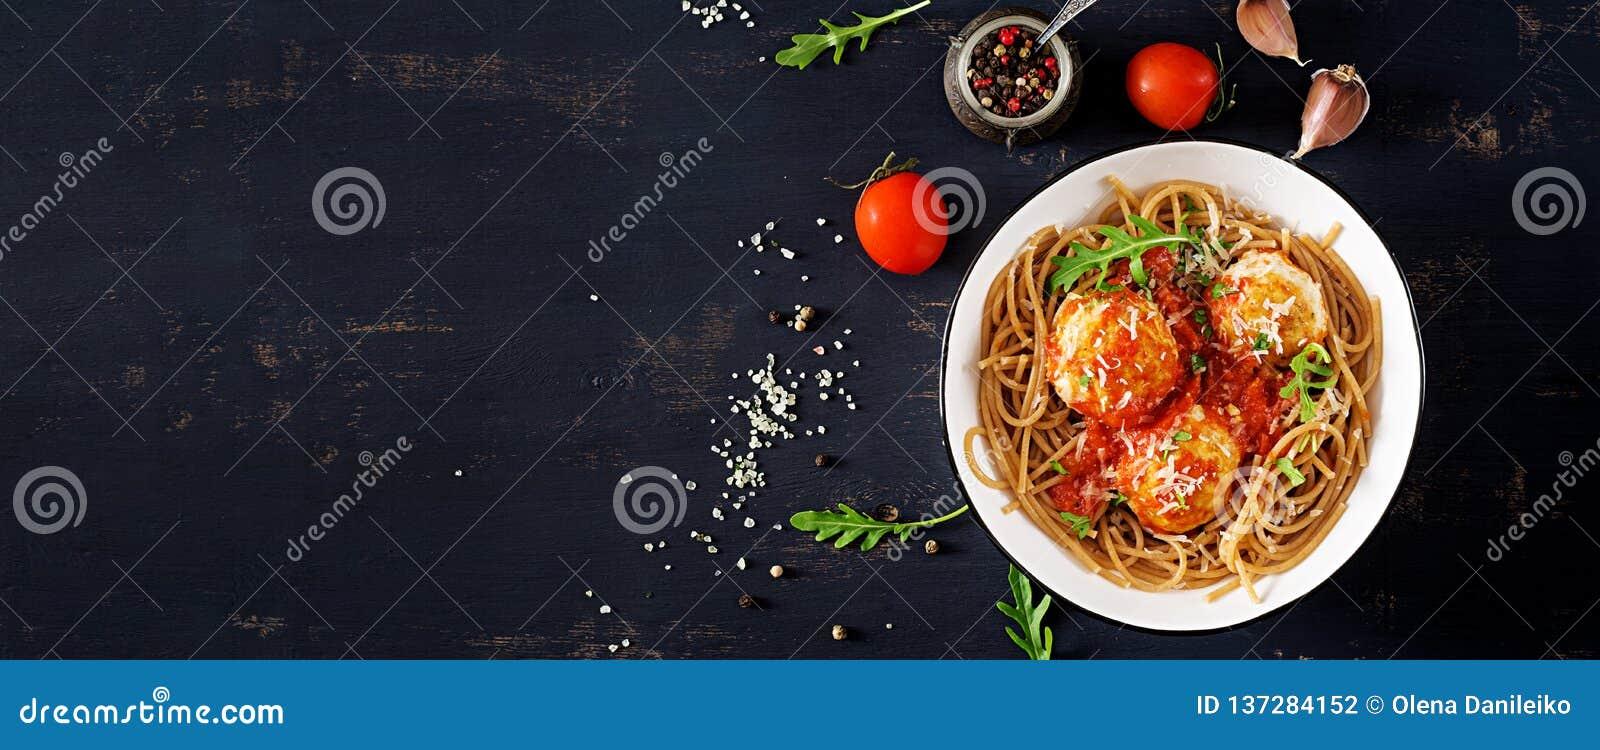 意大利意大利面食 意粉用丸子和帕尔马干酪